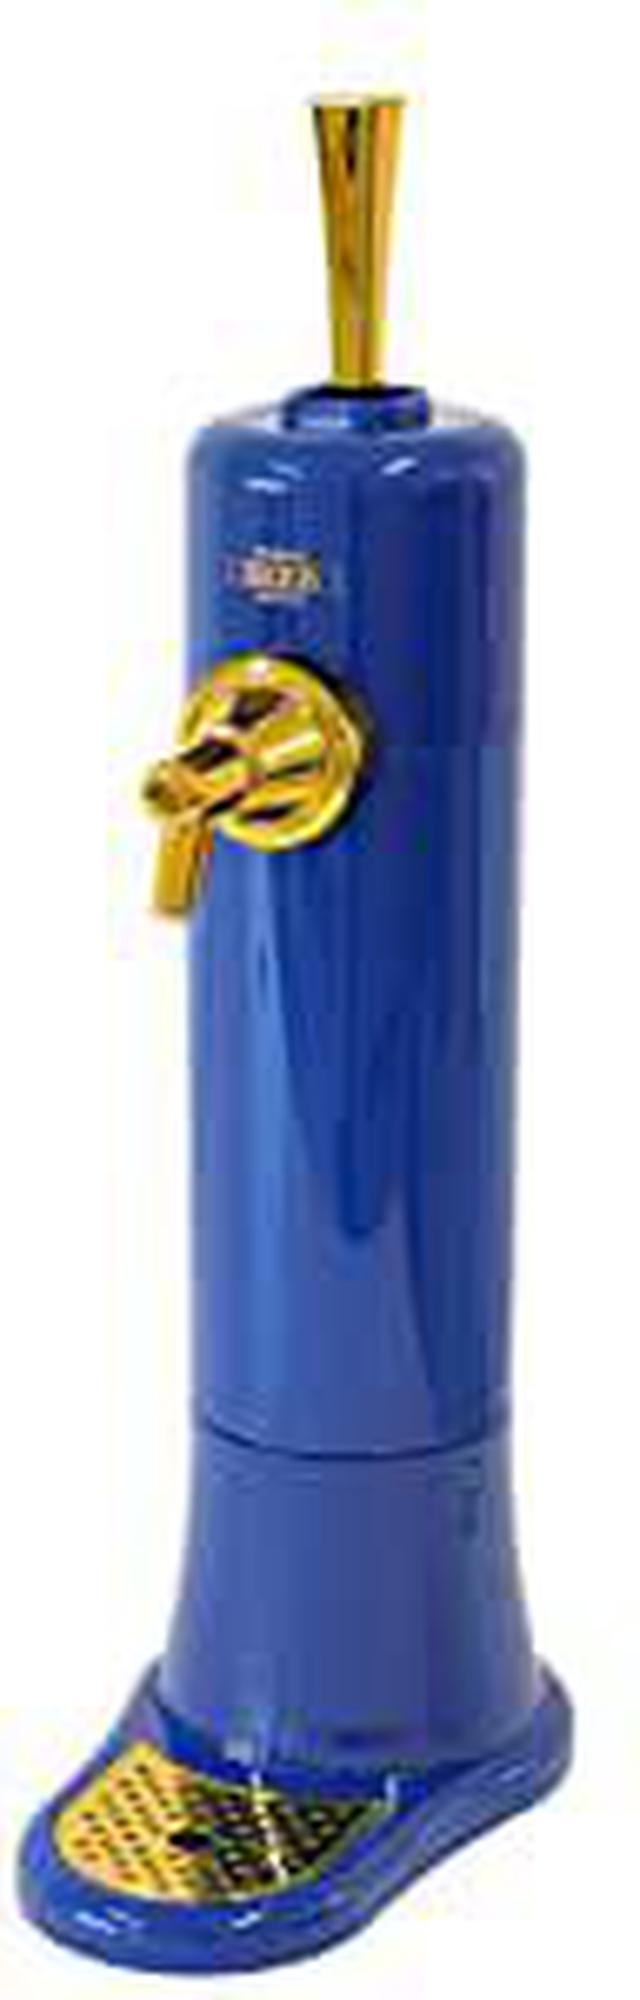 画像: 超音波式 スタンド型 ビールサーバー 本体ブルー&ゴールド きめ細かい泡 クリーミー